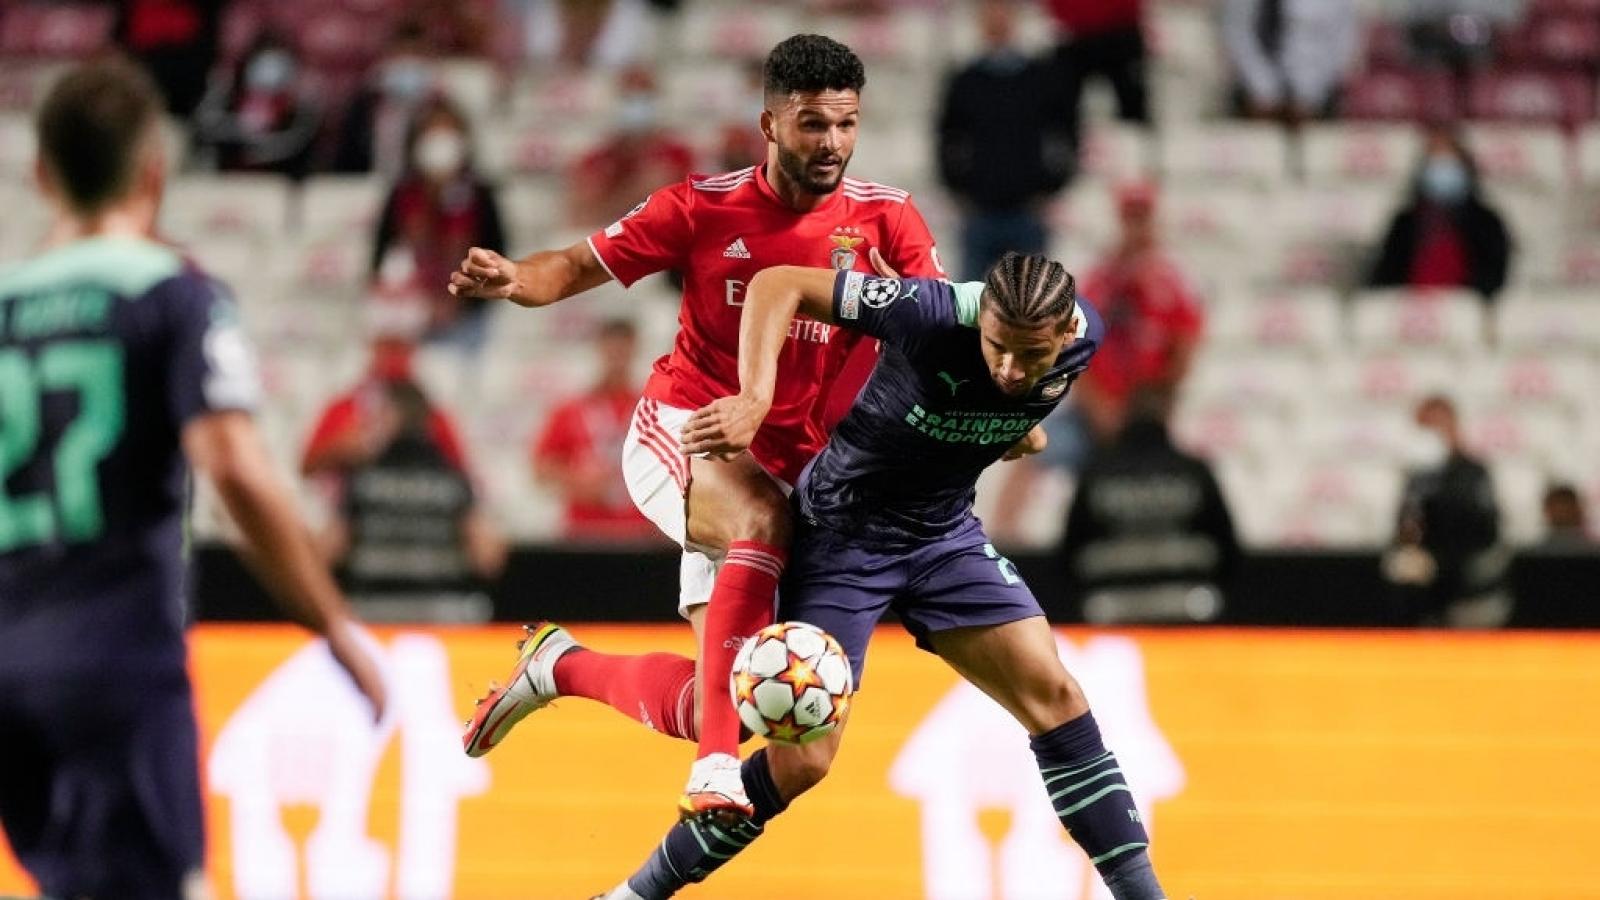 Lịch thi đấu bóng đá hôm nay (24/8): Xác định các đội vào vòng bảng Champions League